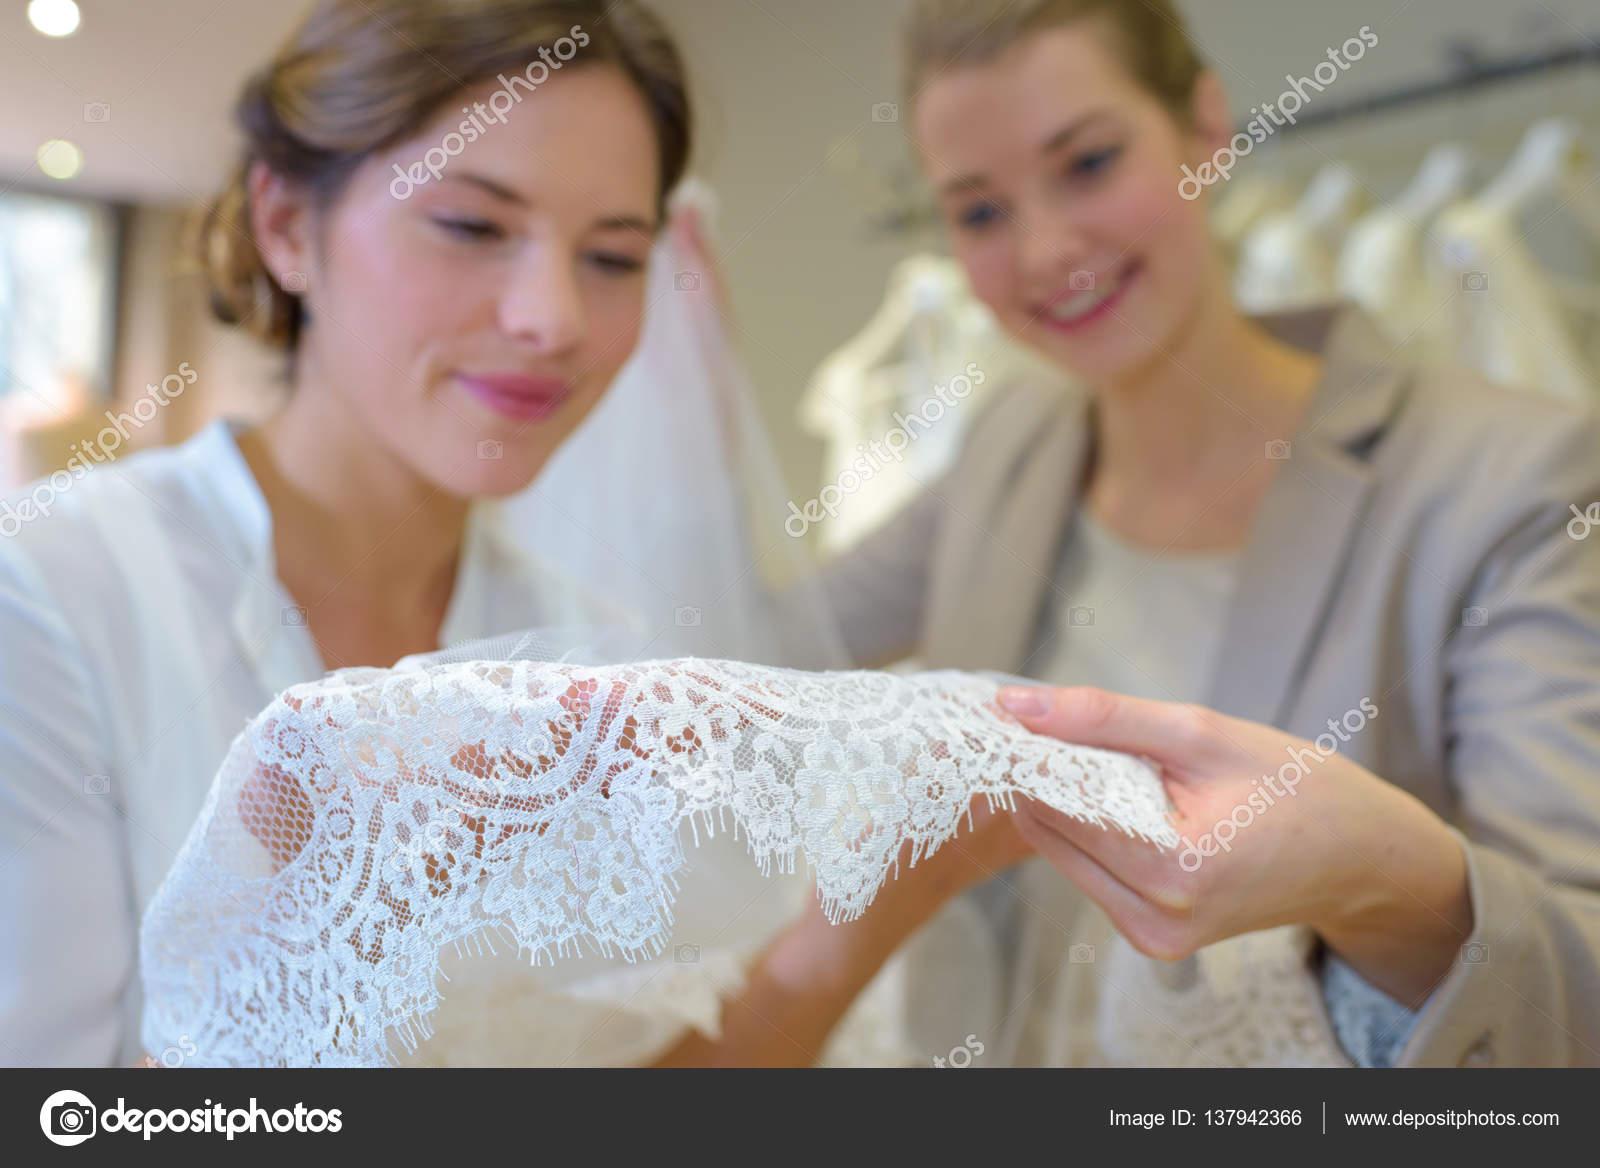 Frauen suchen Lace Hochzeitskleid — Stockfoto © photography33 #137942366